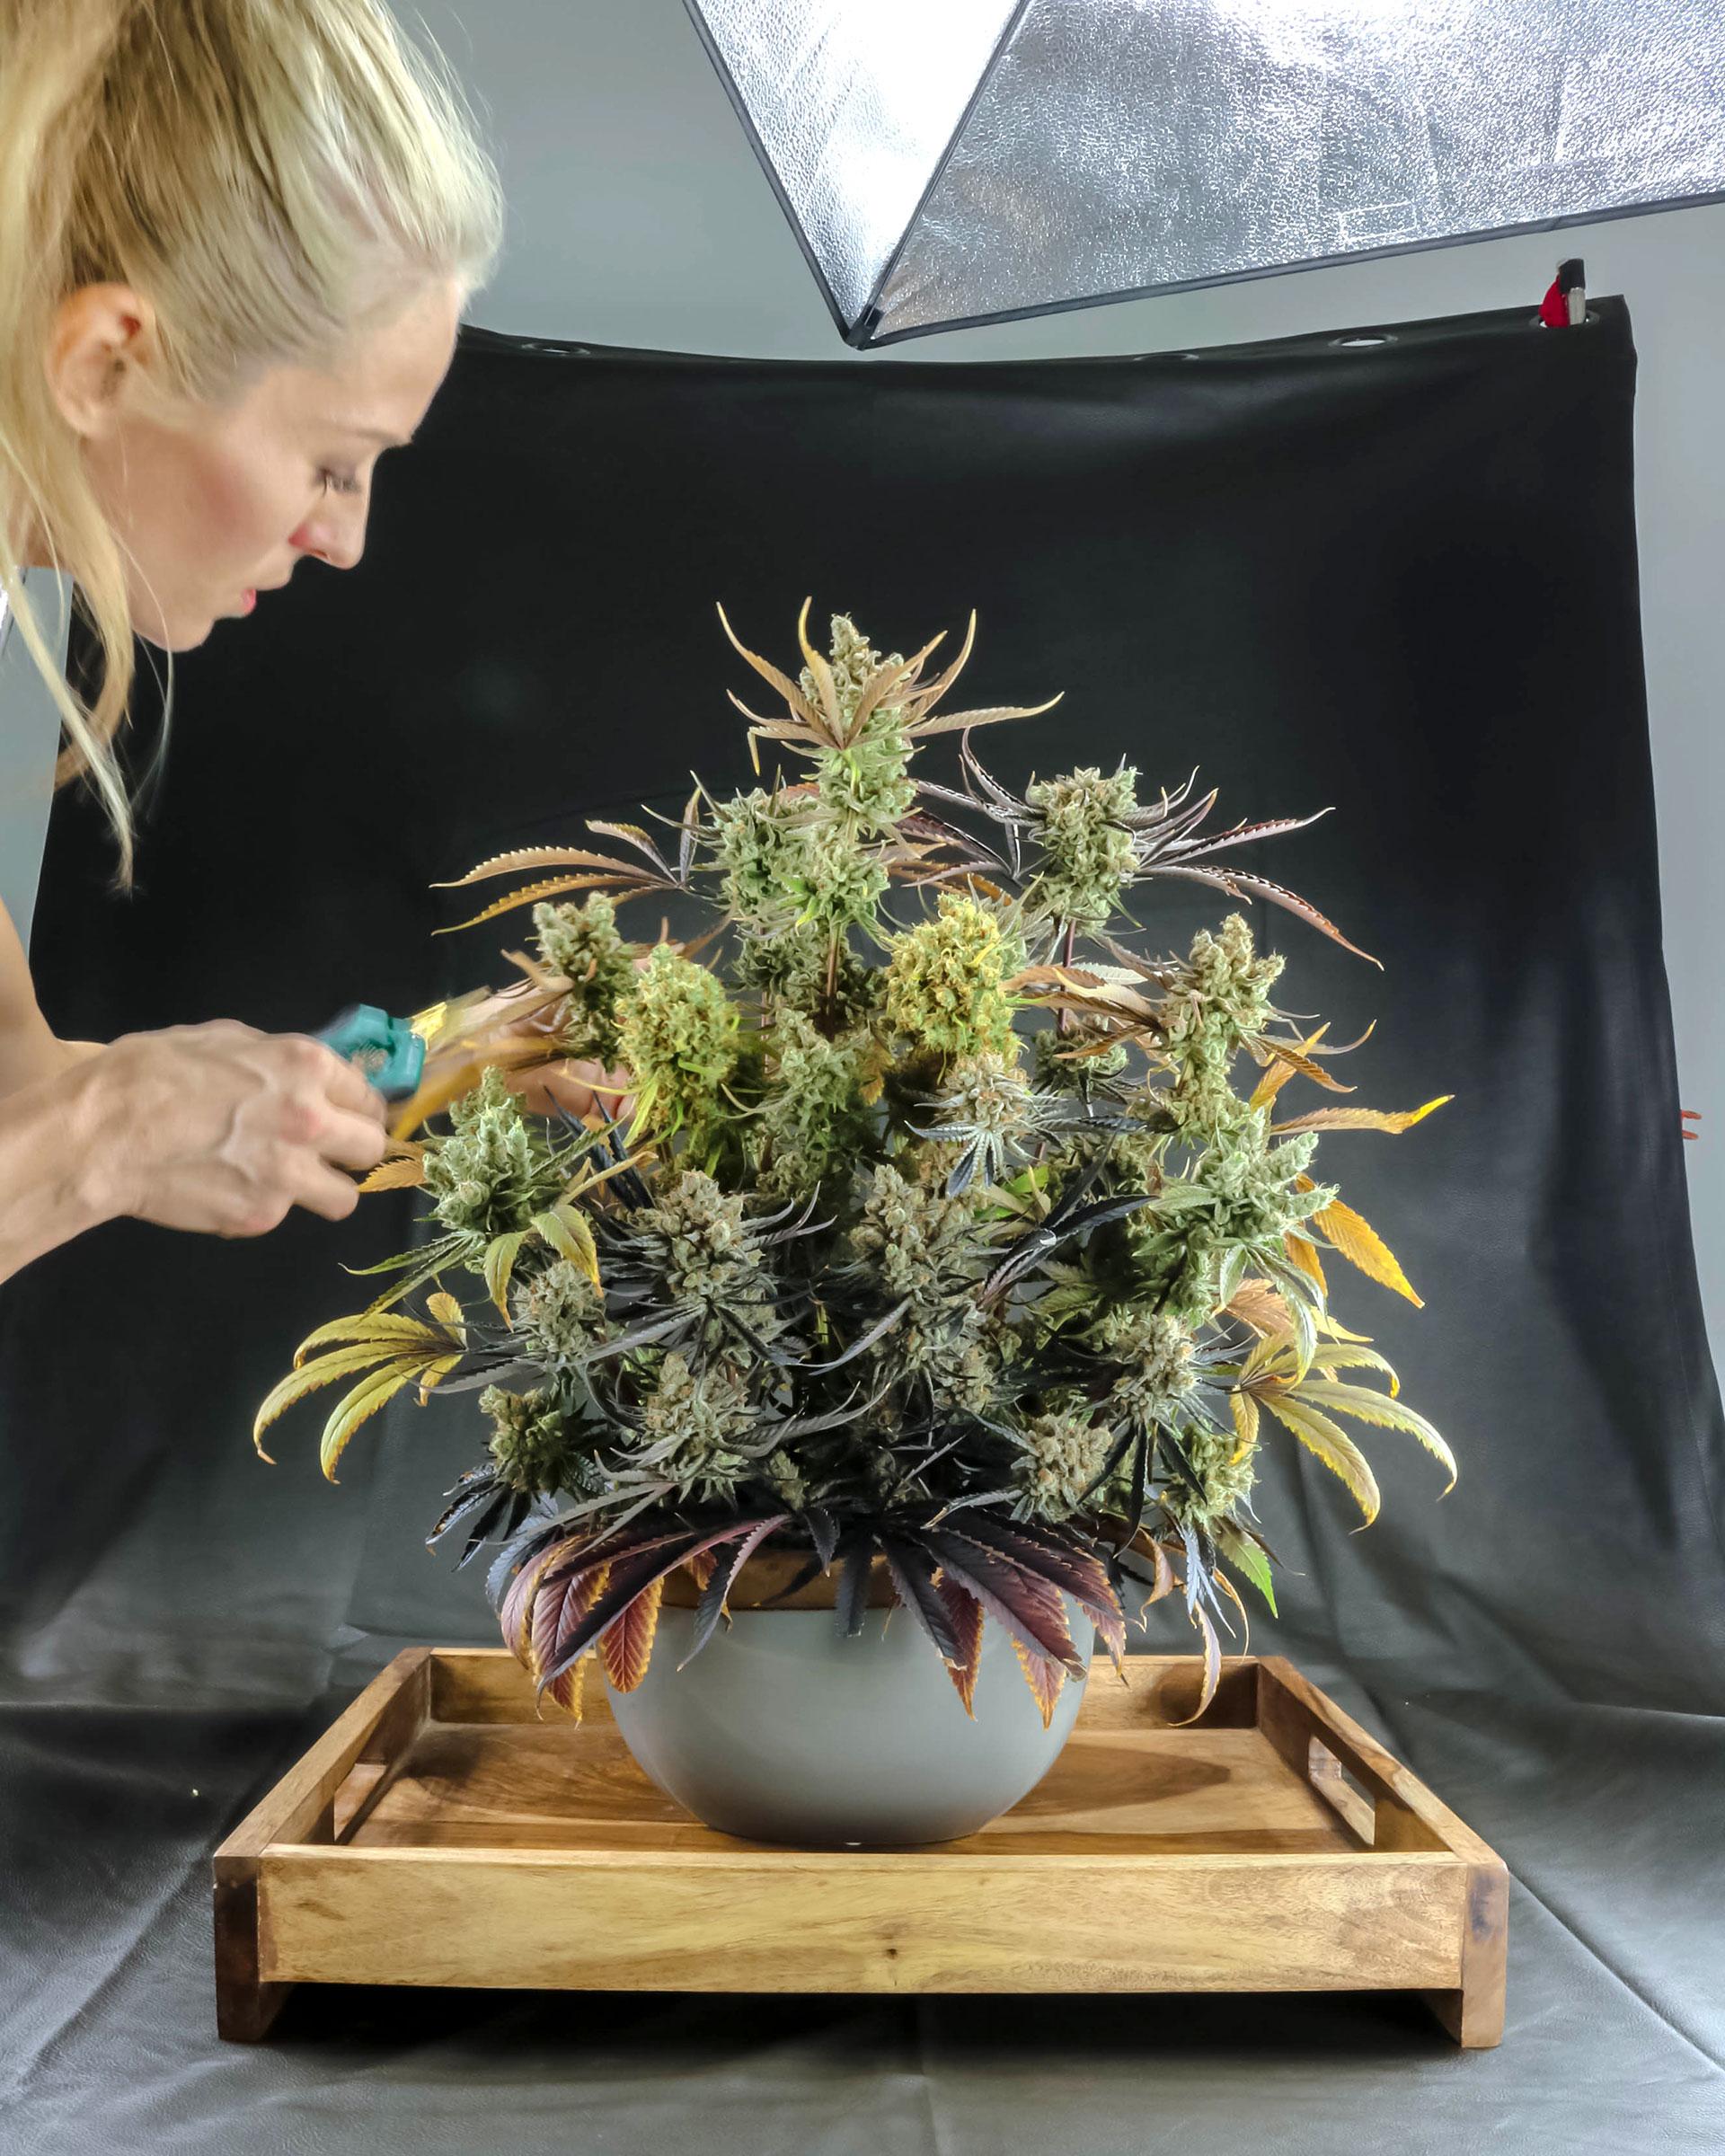 Die Fotografin Asia Taber bei der Vorbereitung eines Blütenarrangements aus Cannabis.